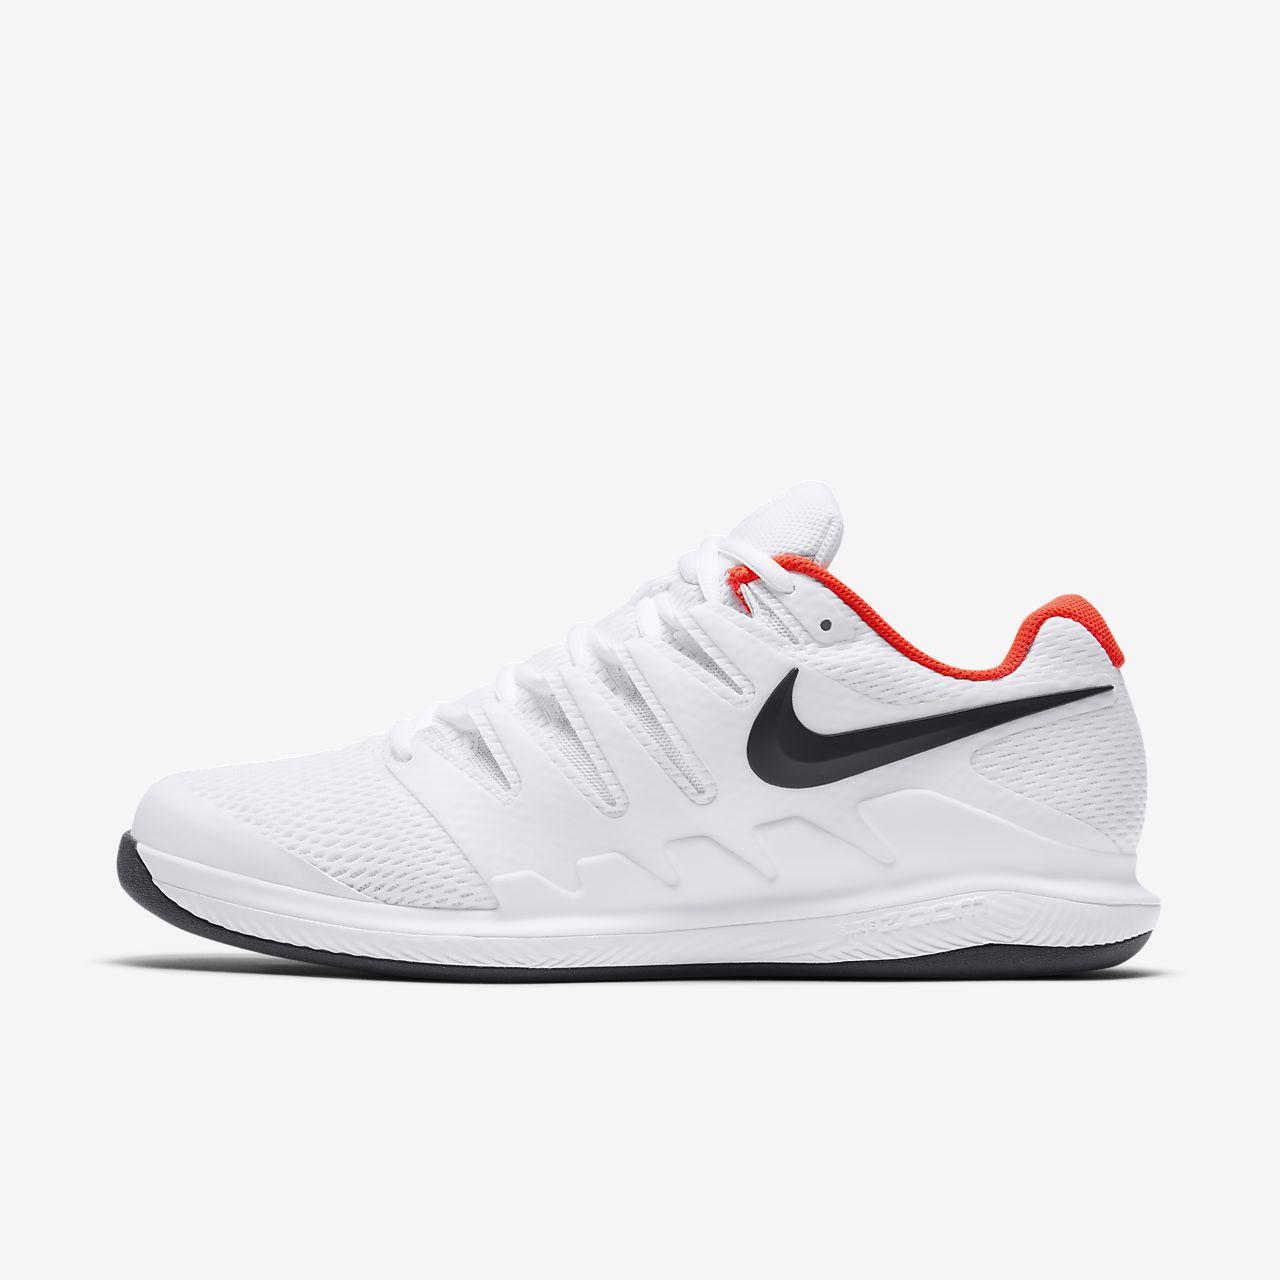 Ανδρικό παπούτσι τένις Nike Air Zoom Vapor X Carpet